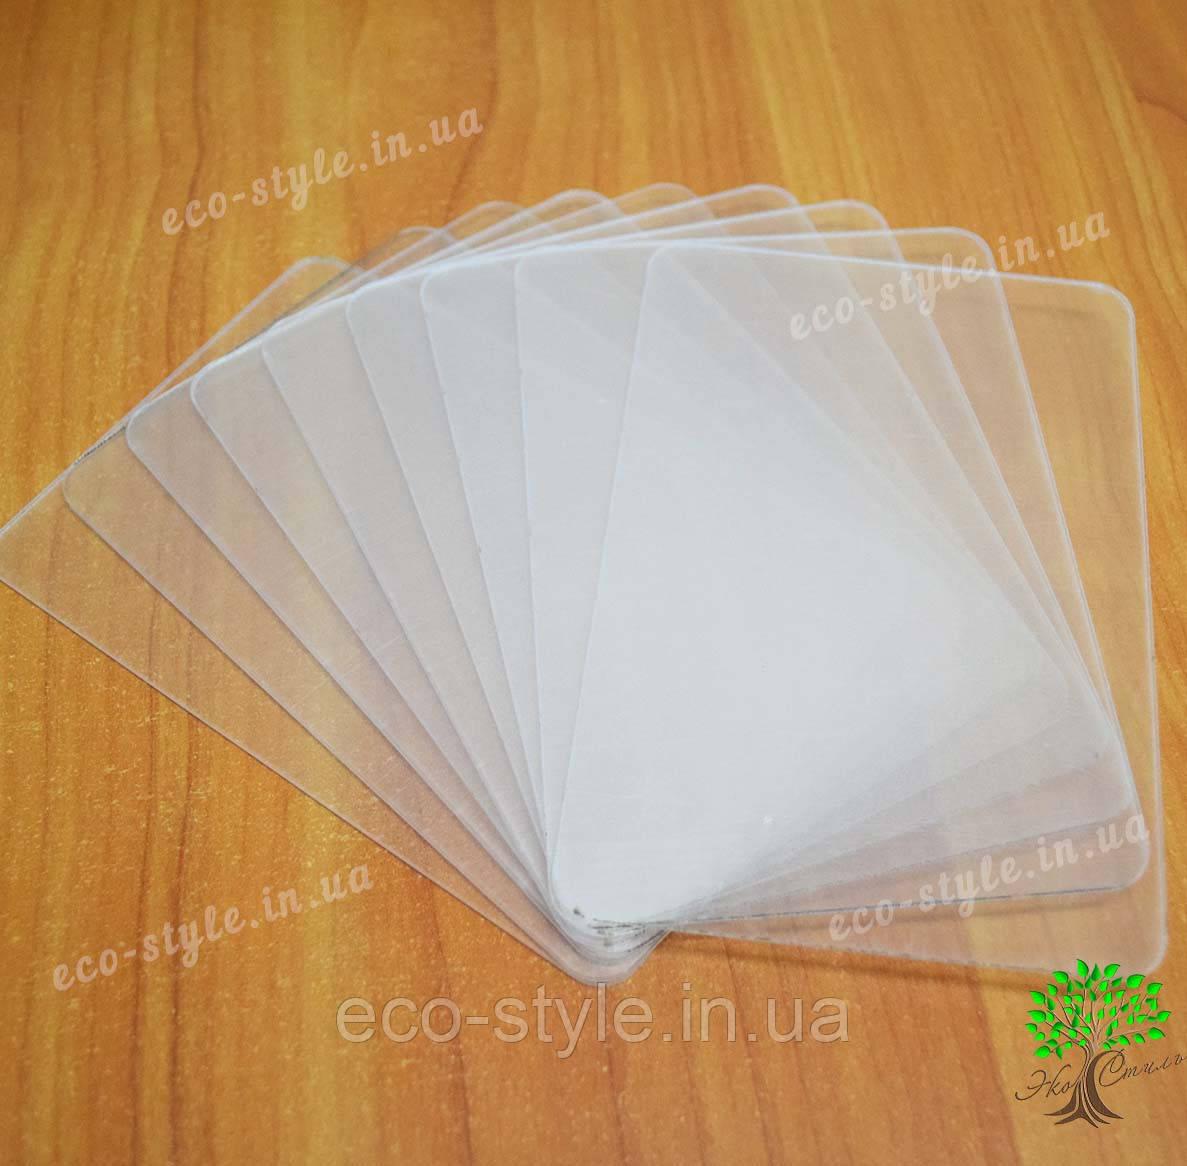 Стекло для рамок для фото, стекло 13х18 см, стекло в рамку